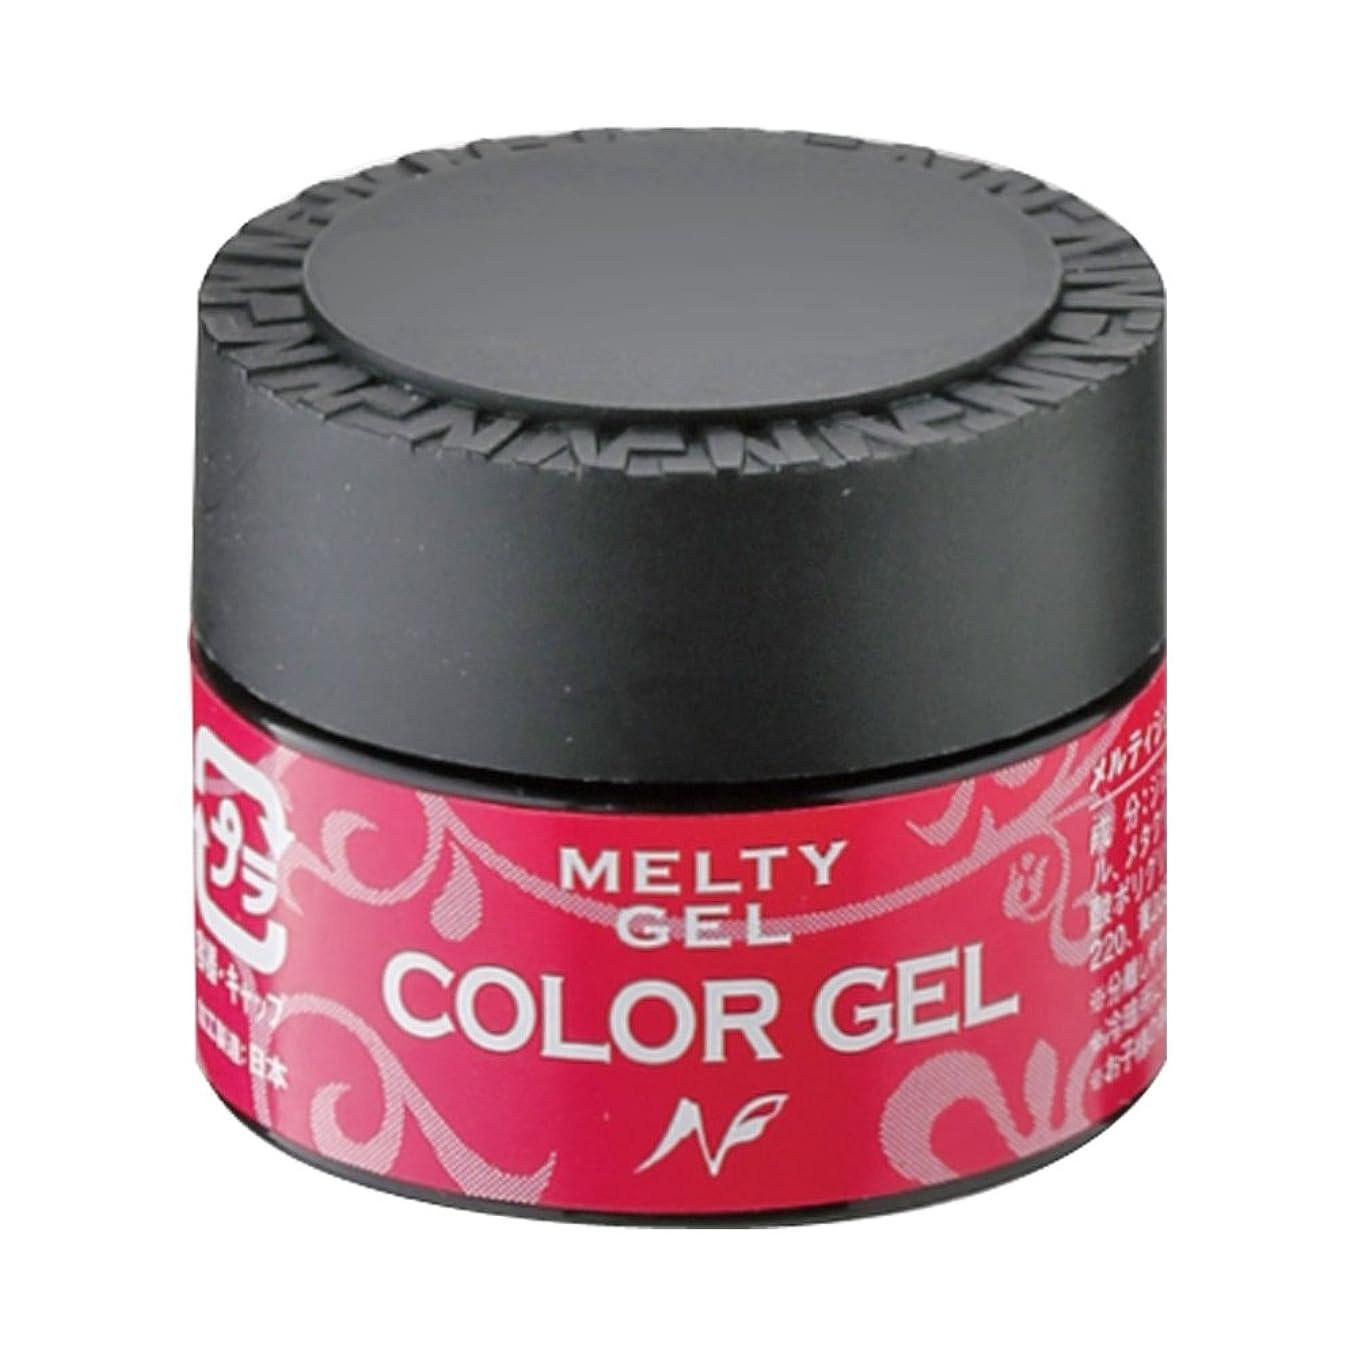 適用するプランター血色の良いMelty Gel カラージェル L51 Lグリーン 3g ルーセントシリーズ